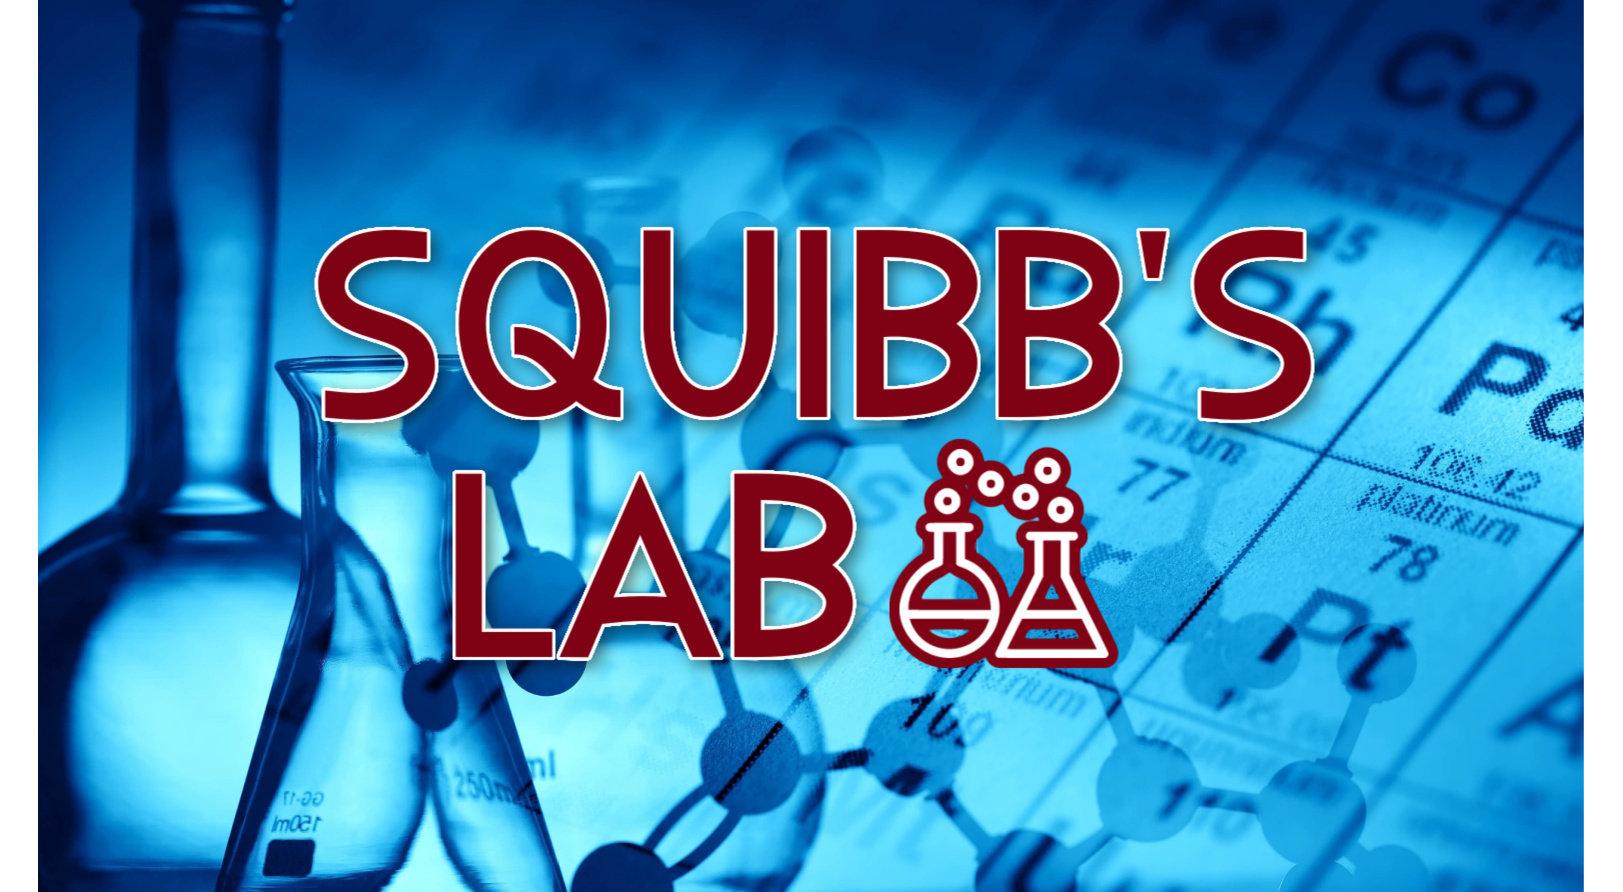 Squibb's Lab